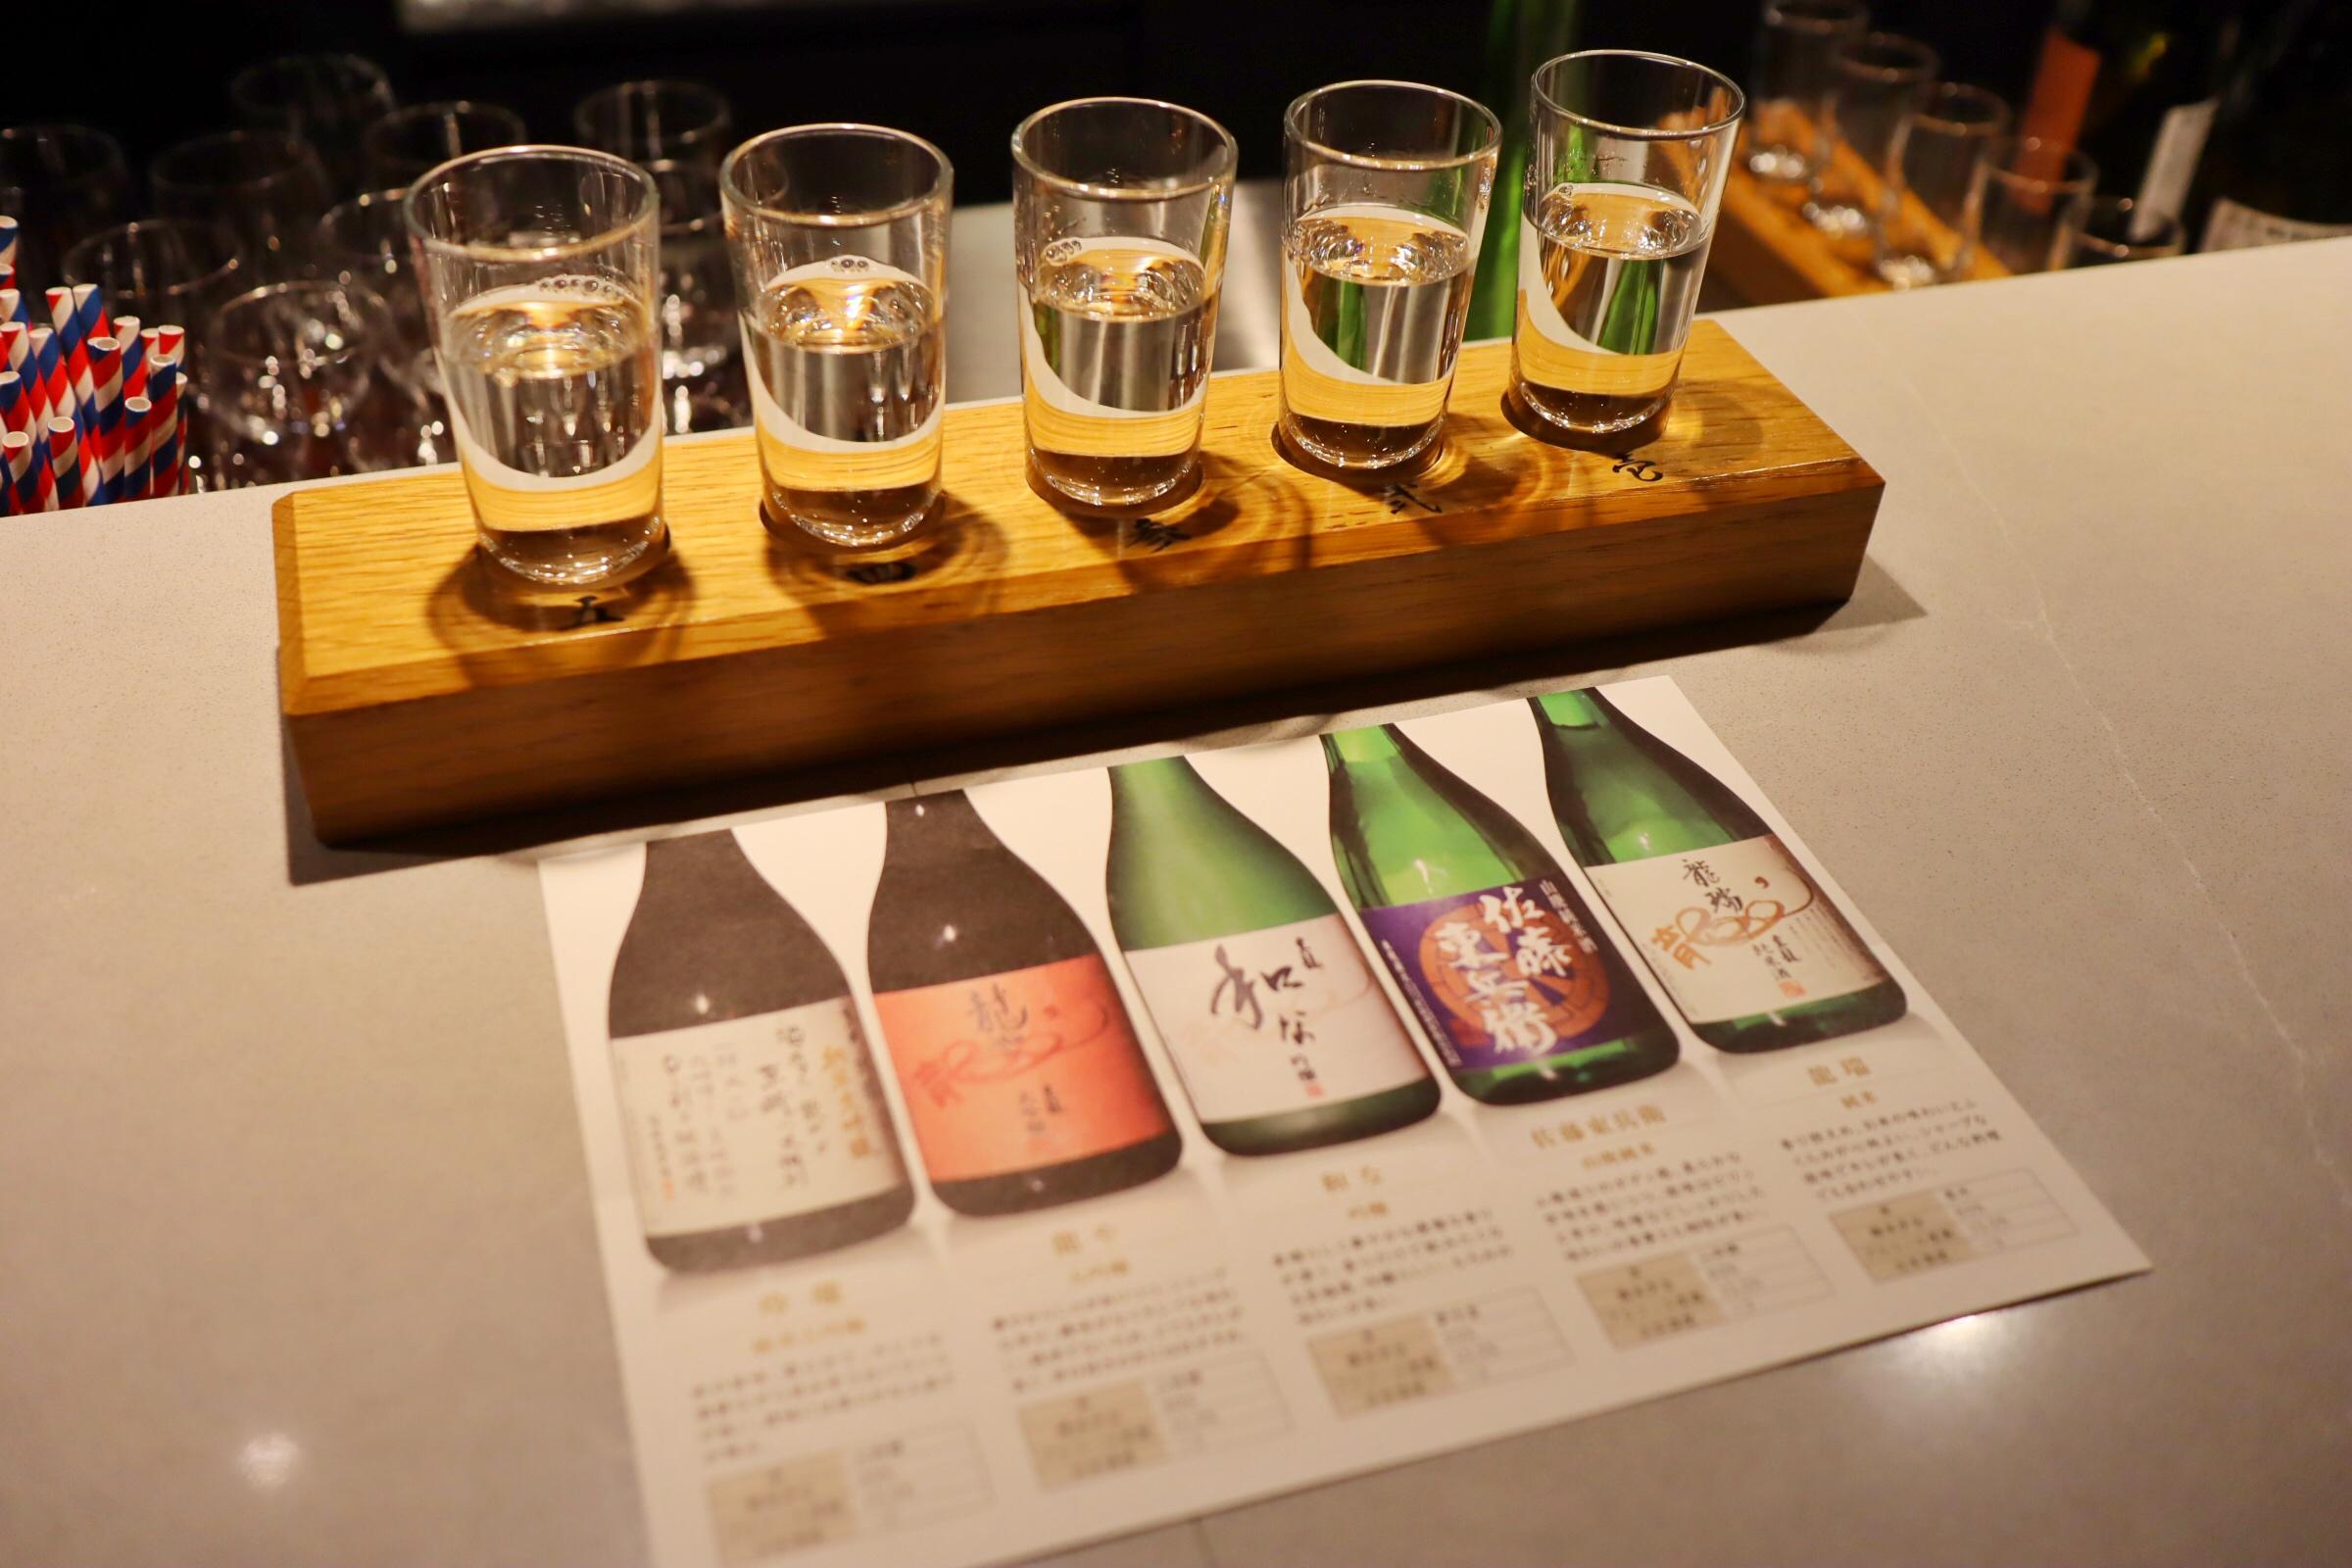 ヒルトン名古屋の日本料理「源氏」に酒バーがオープン!特選地酒と地元食材を使った創作和食とのペアリングを堪能できる - 12fb301c7da13c75e0362498f2361699